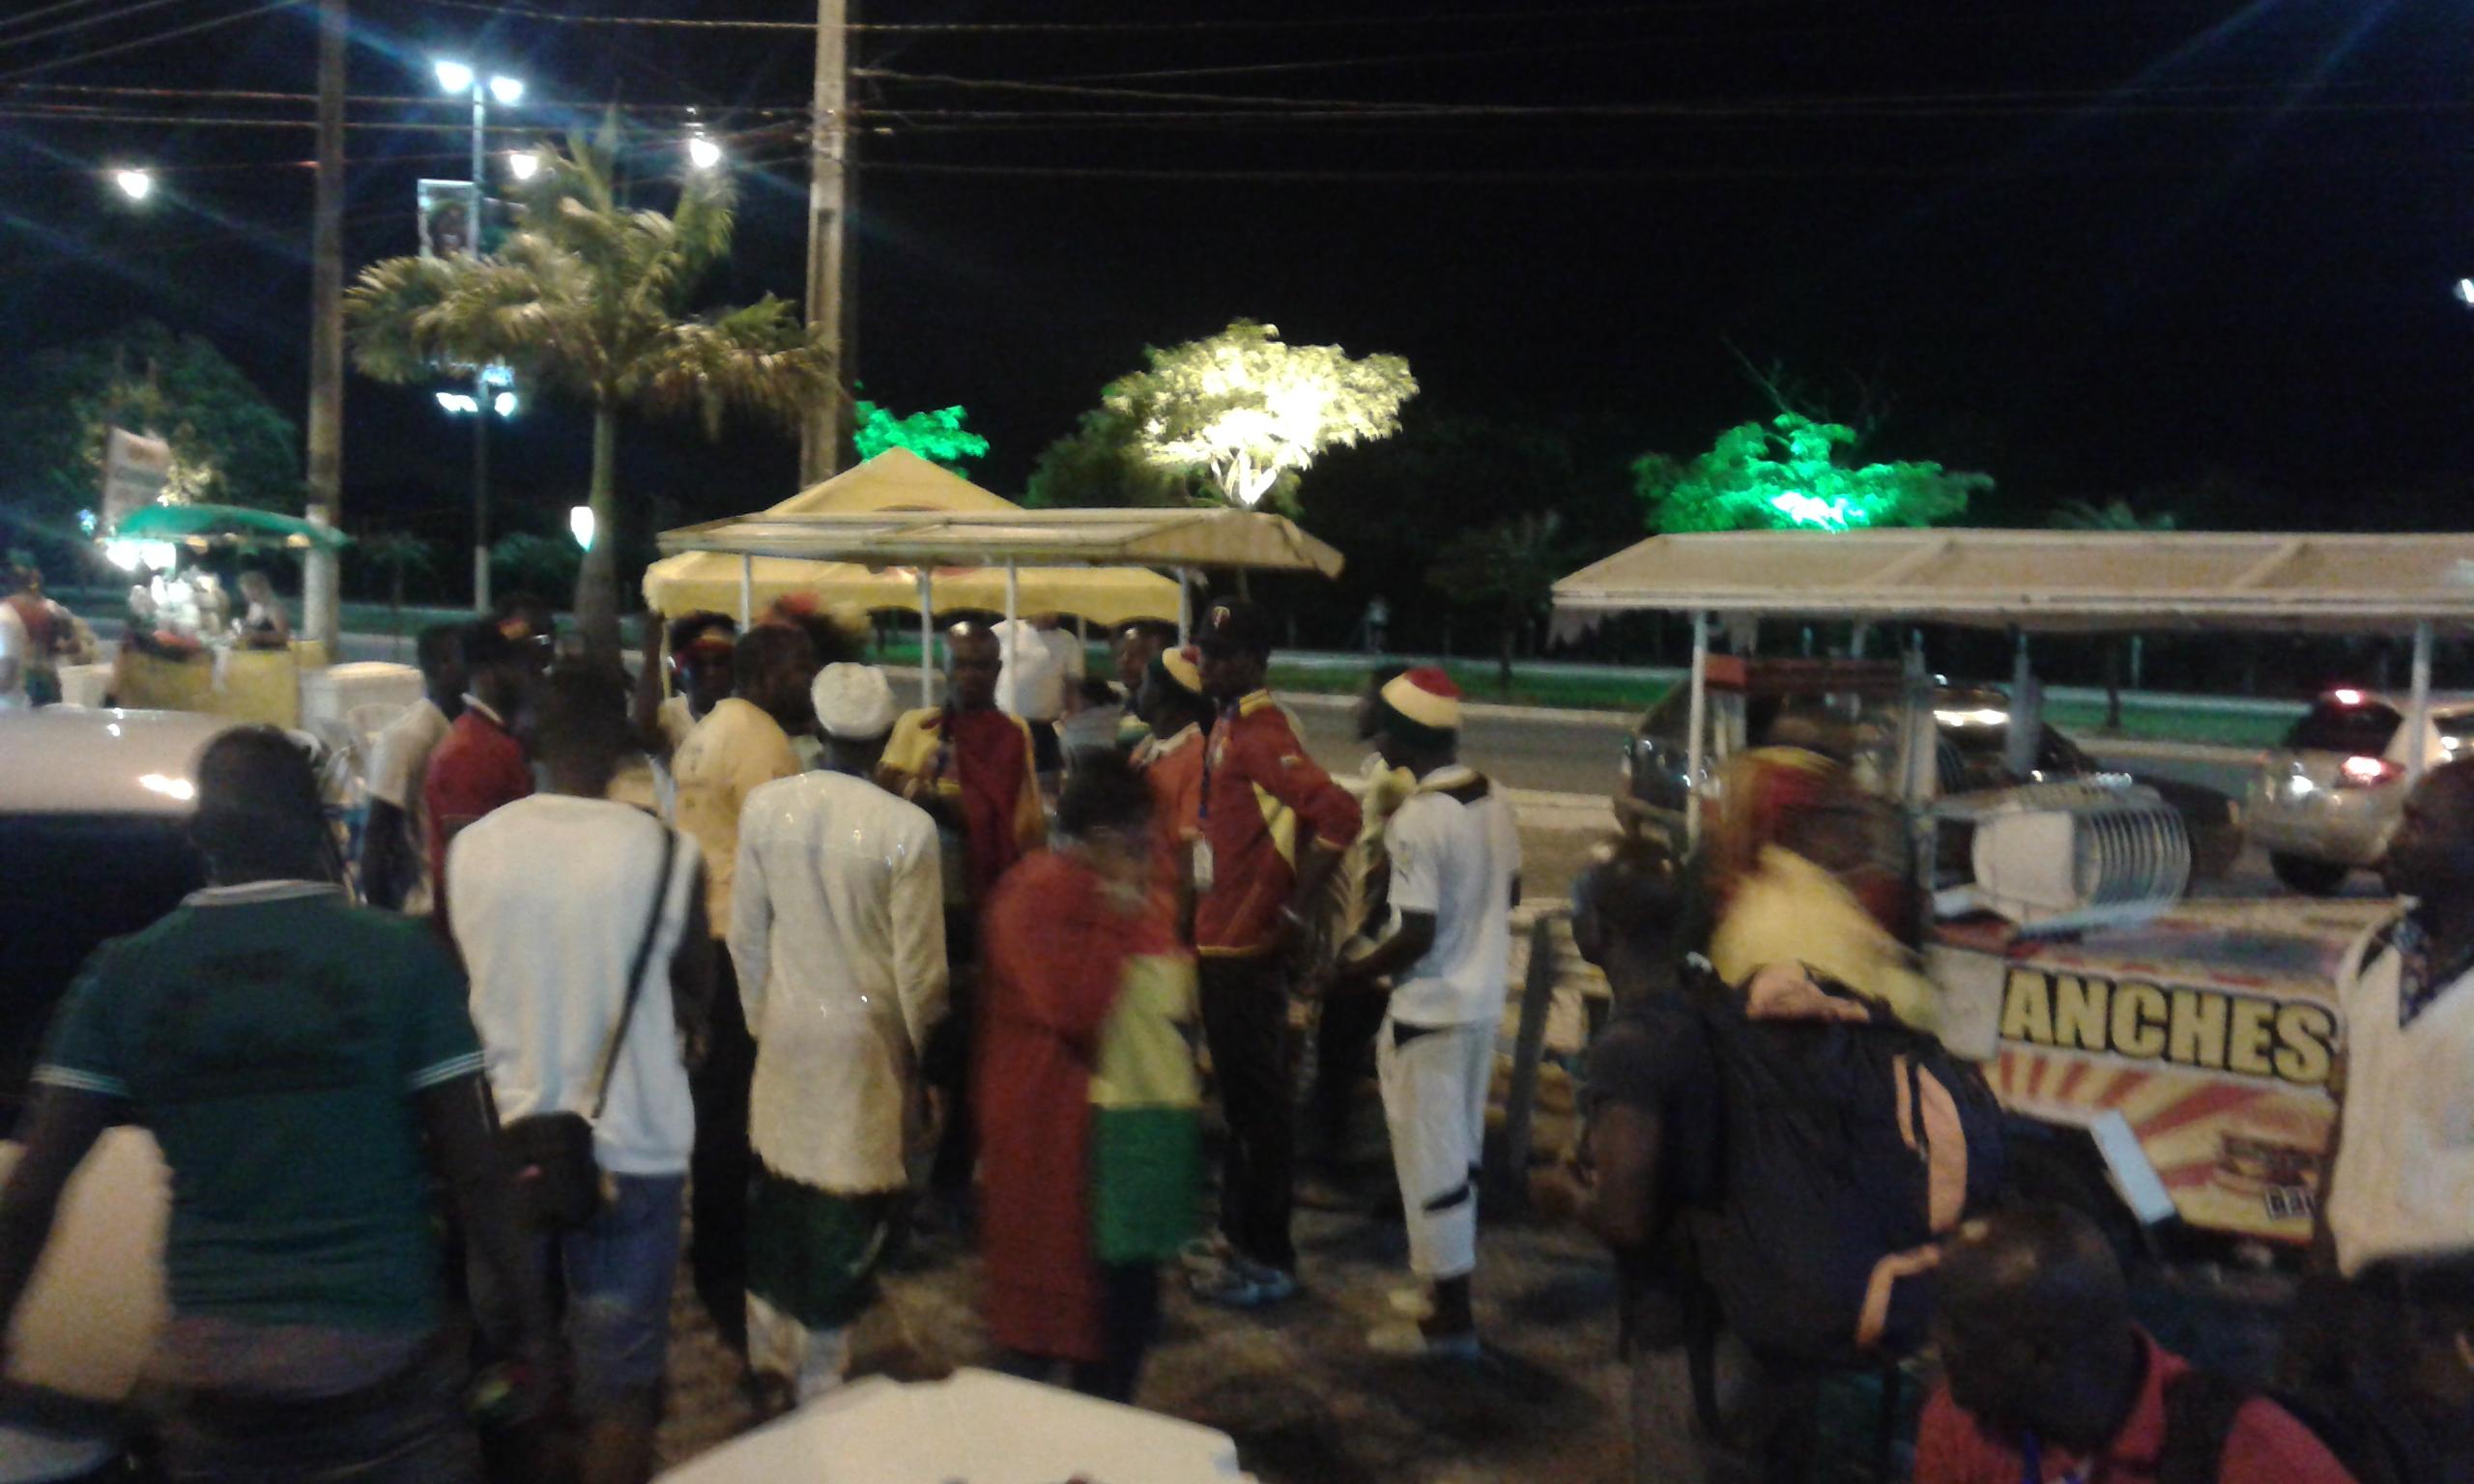 Le lieu était un agréable point de rendez-vous pour le peuple de natal et touristes. (Crédit photo: Fabio Magno).